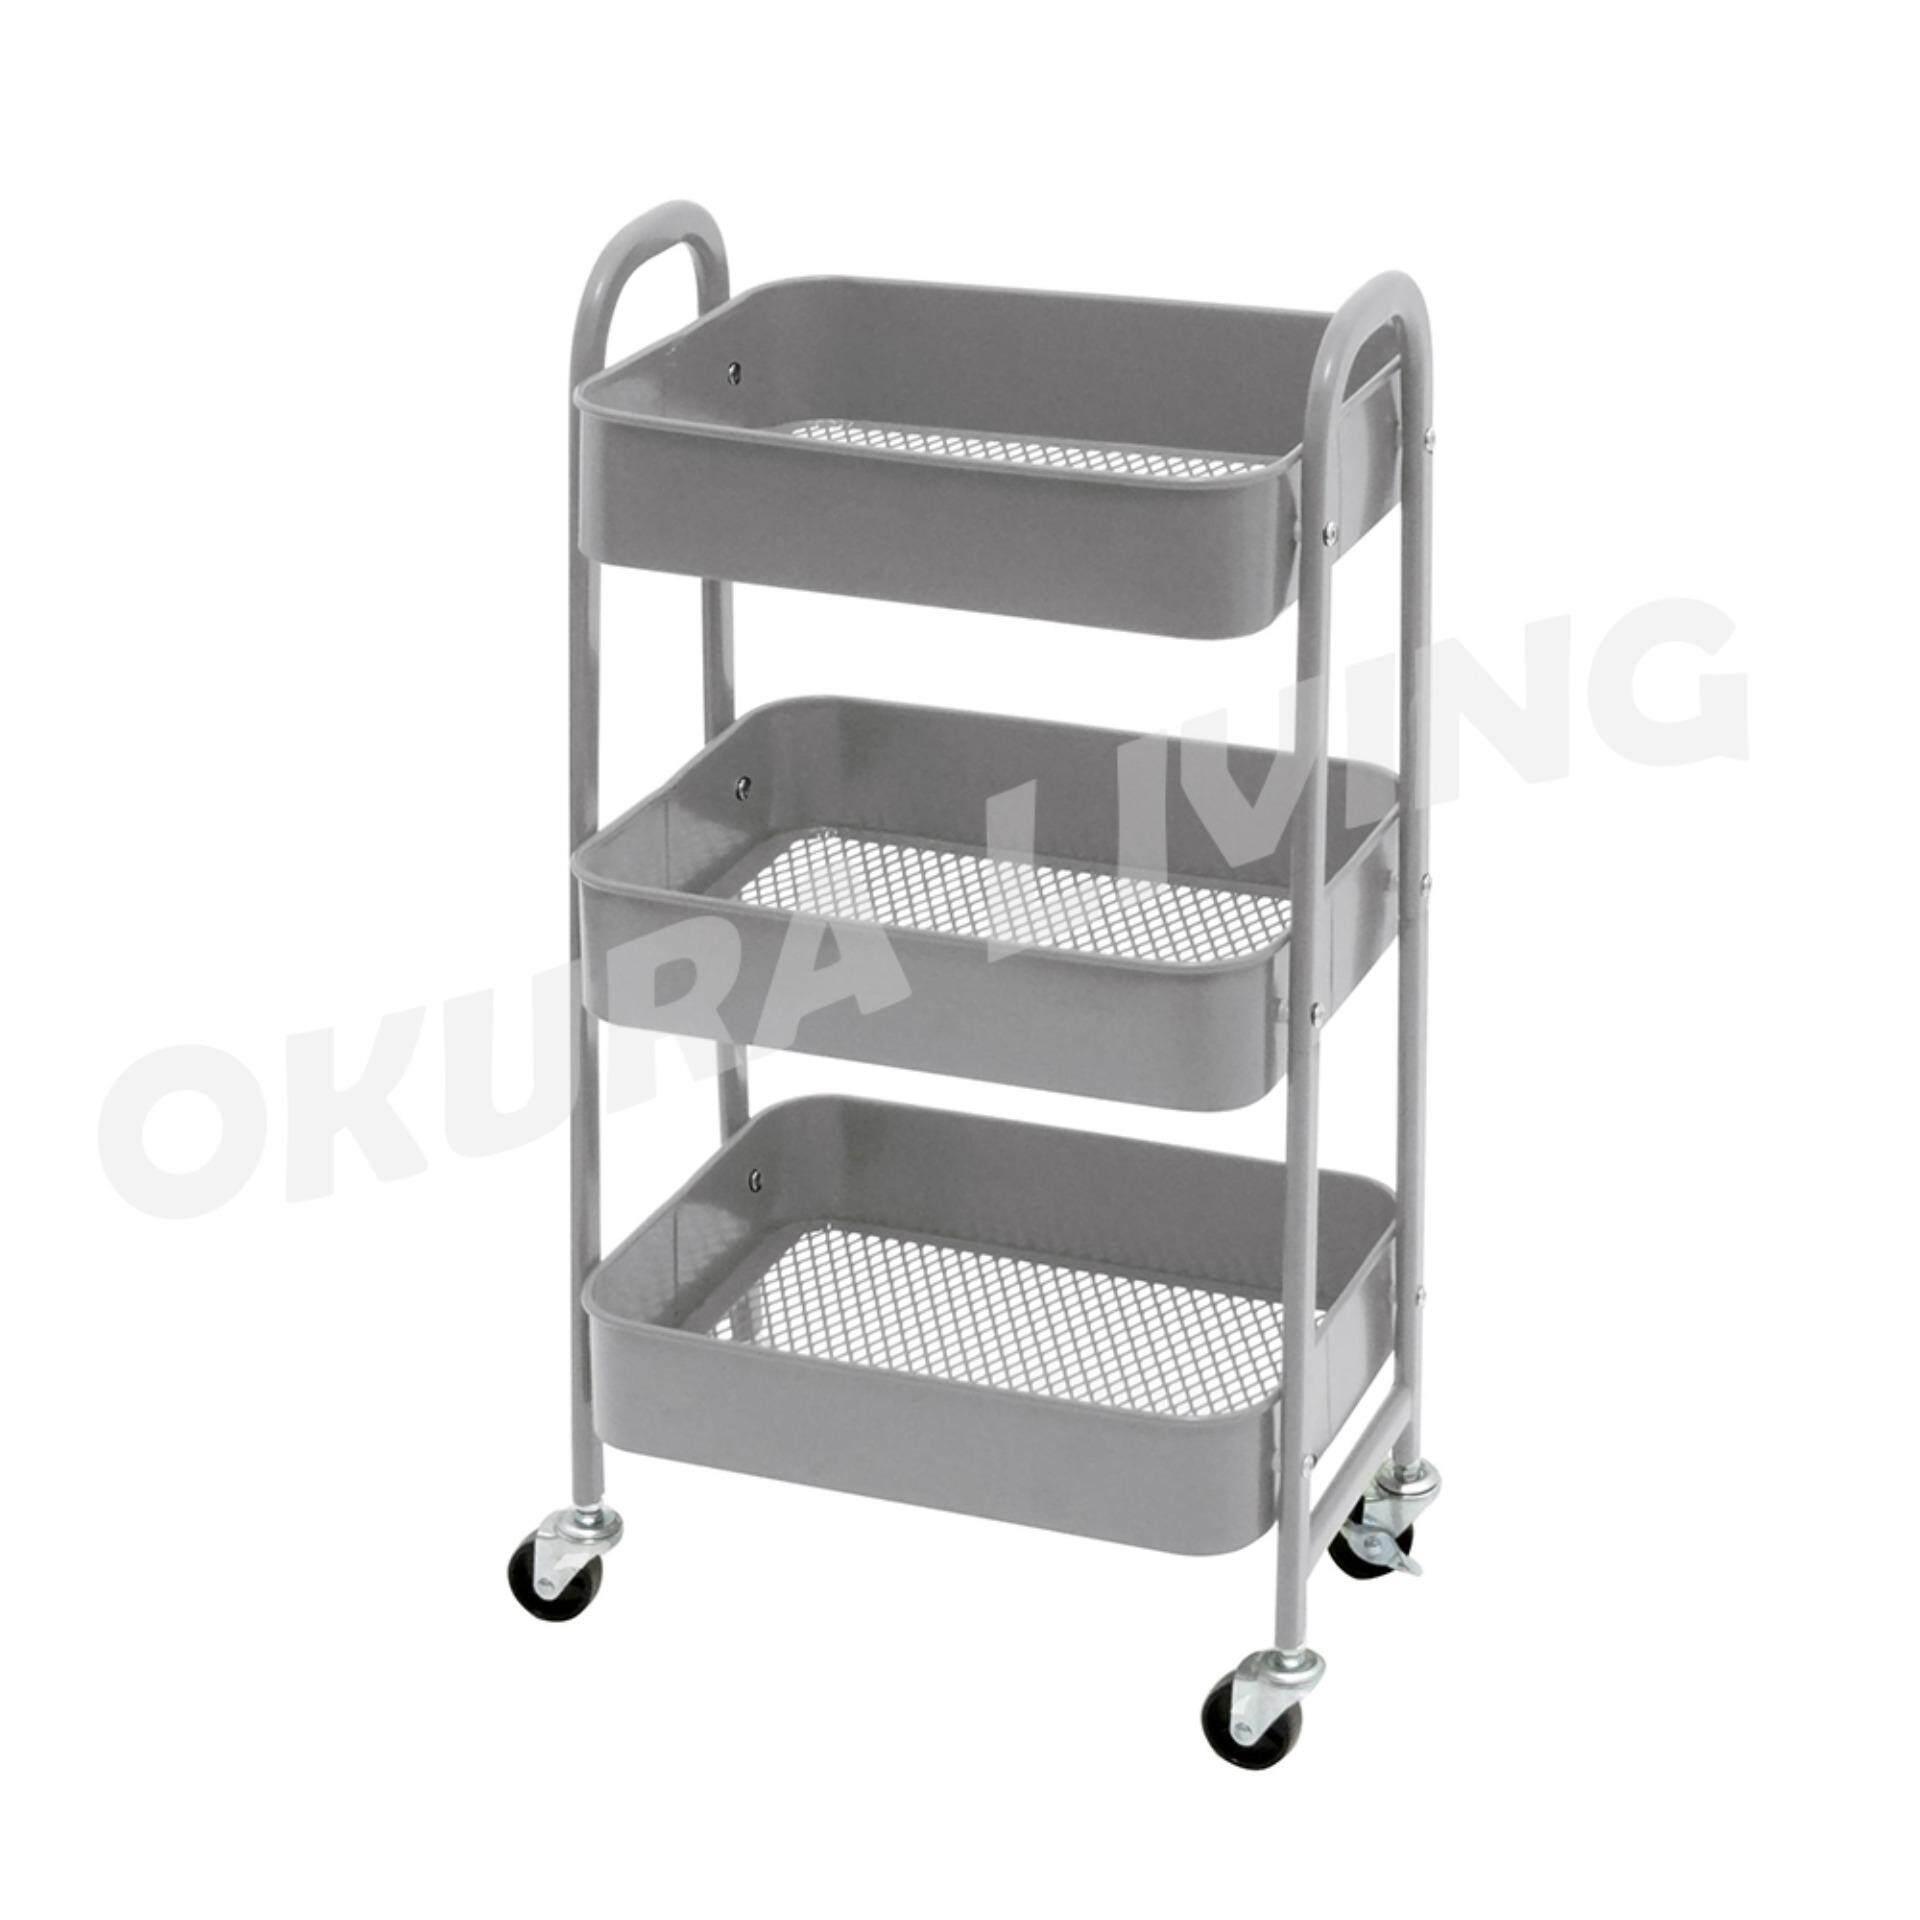 OKURA Utility 3 Tier Storage Trolley